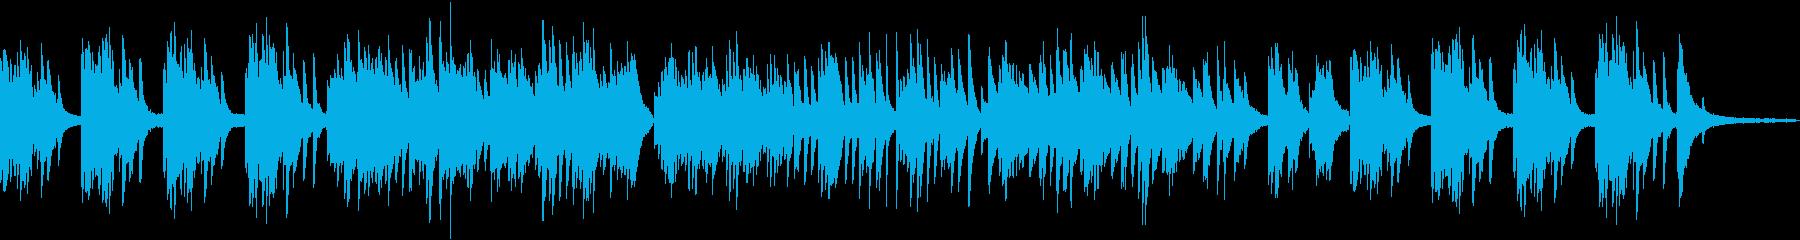 感傷的な雰囲気のピアノソロバラードの再生済みの波形